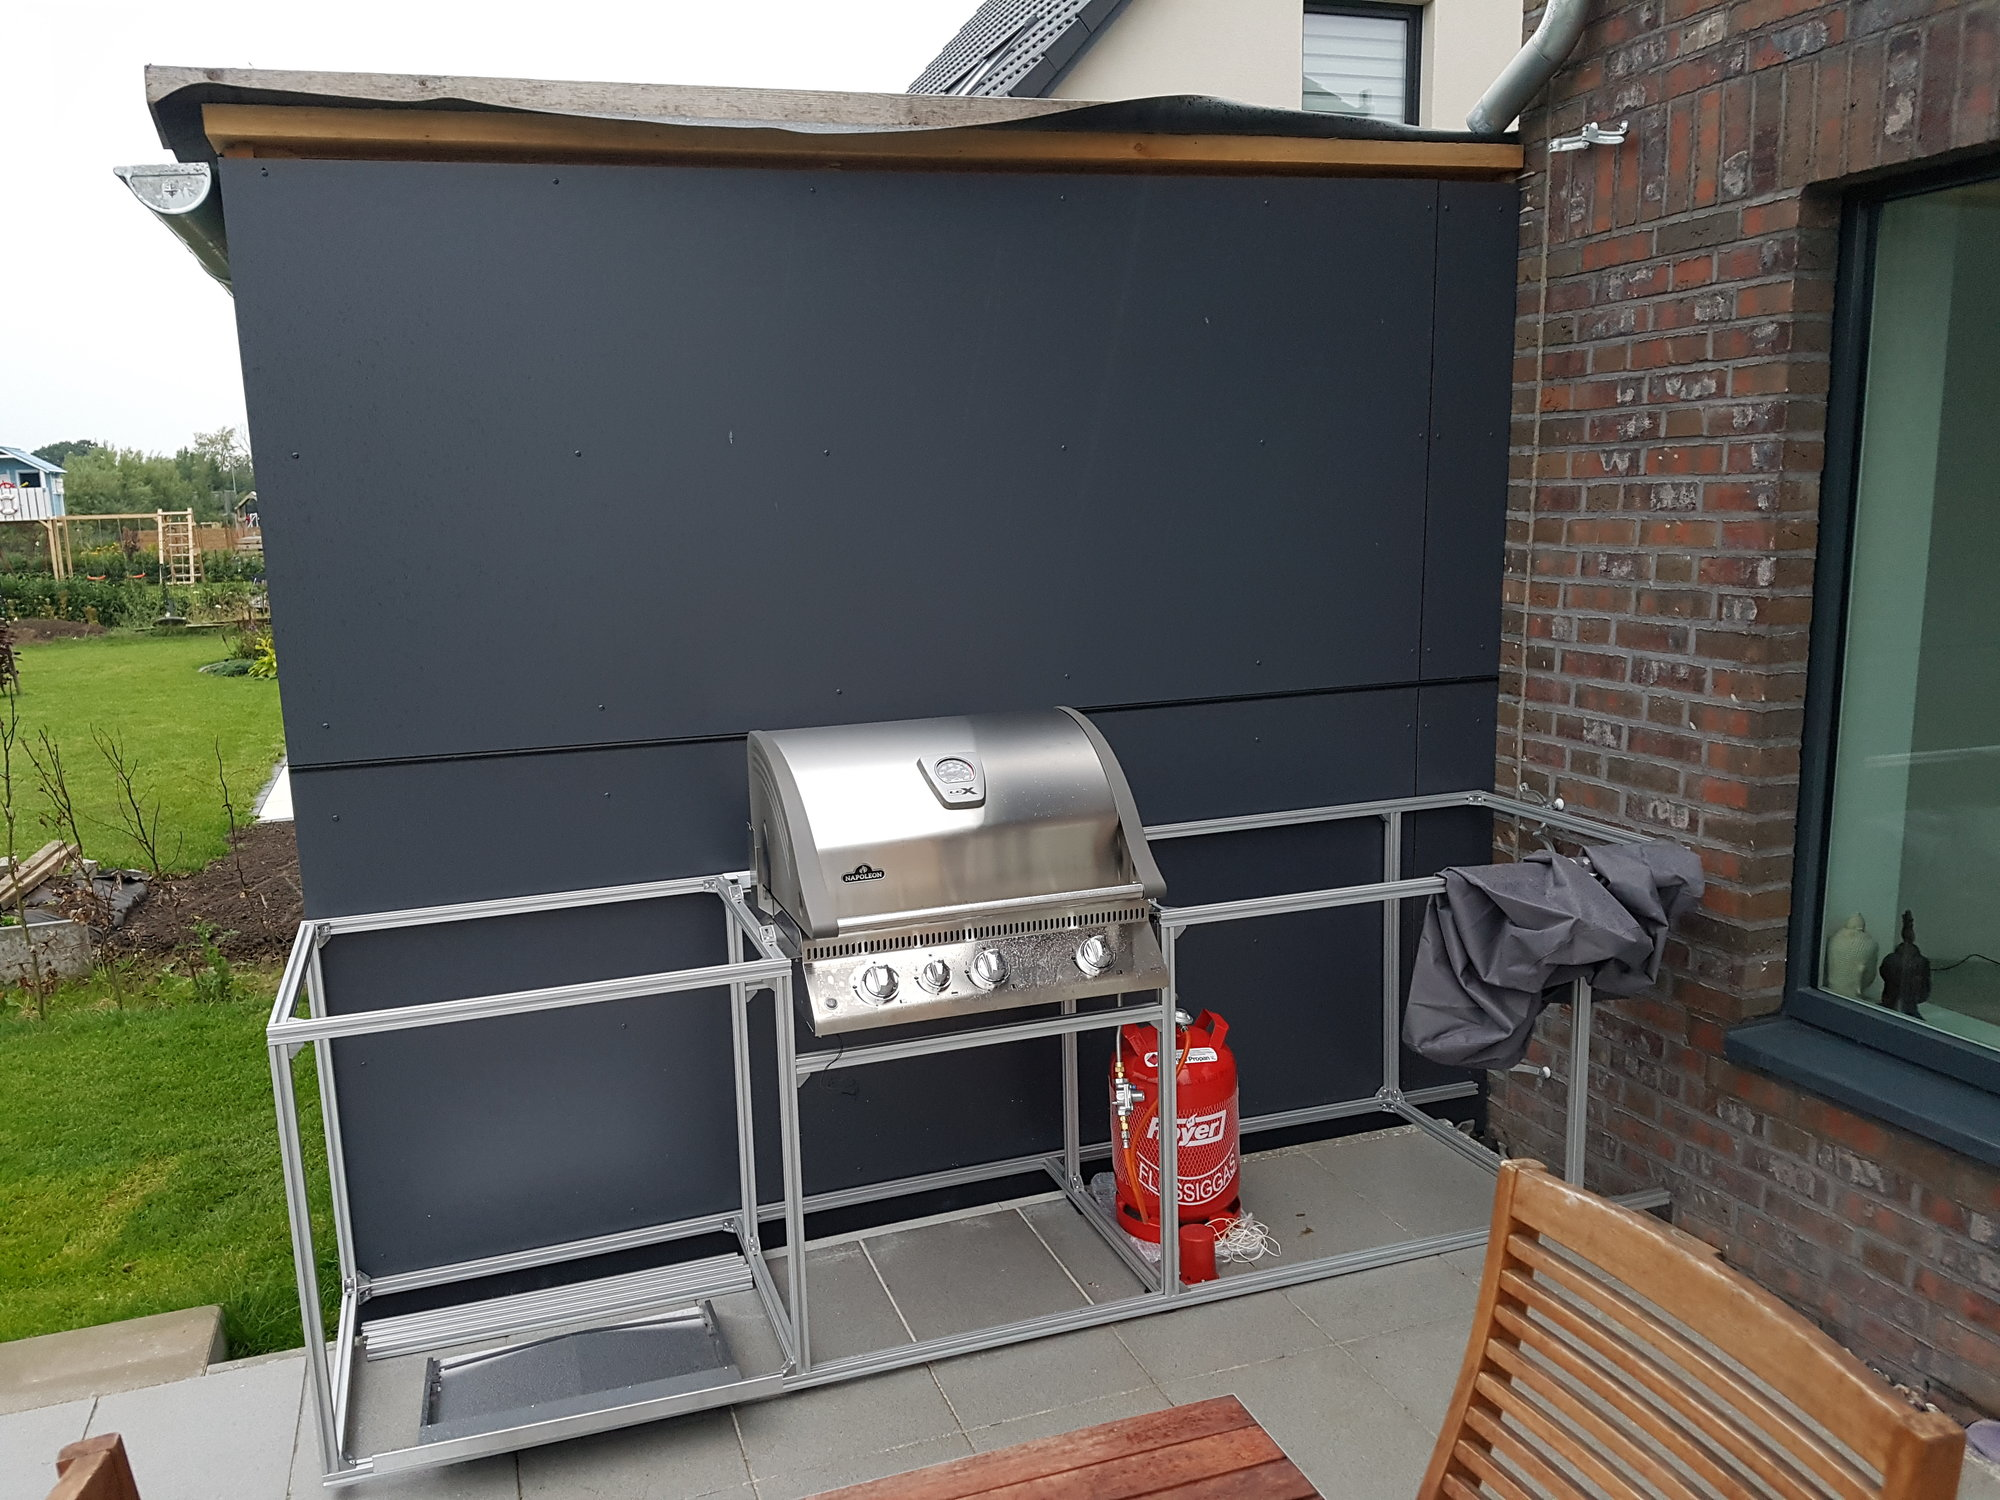 Outdoorküche Klappbar Forum : Outdoor küche spüle. outdoor küche dutch armaturen für ikea alte